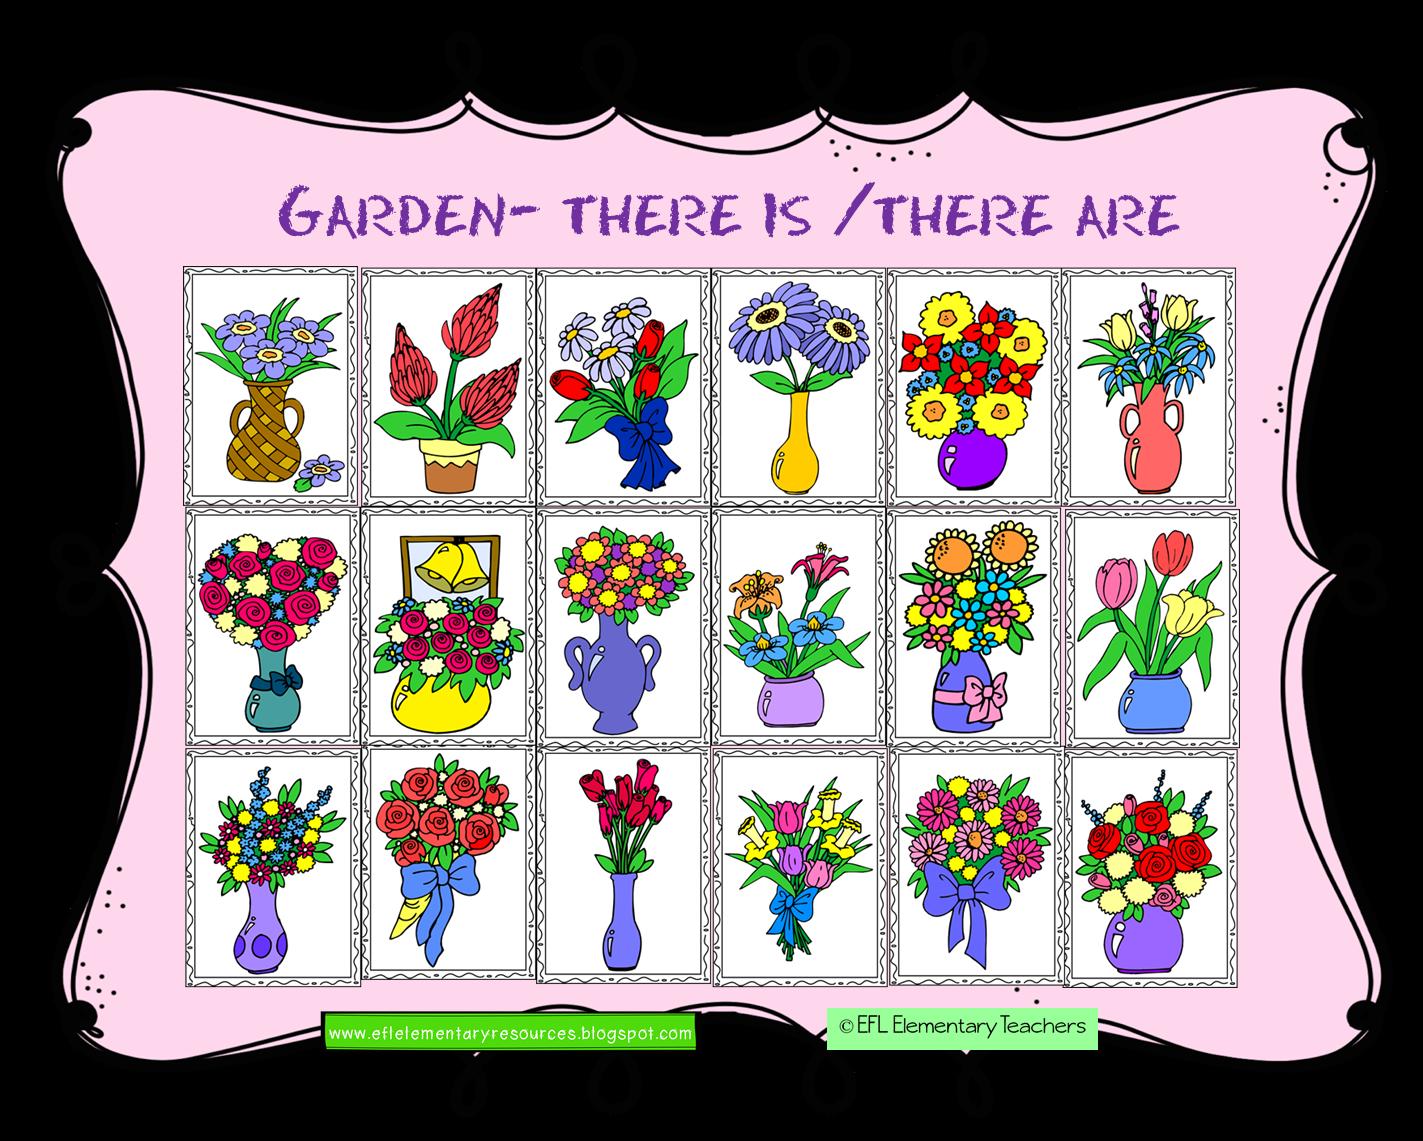 1423x1141 Efl Elementary Teachers Nature Or Garden Theme For Elementary Ell